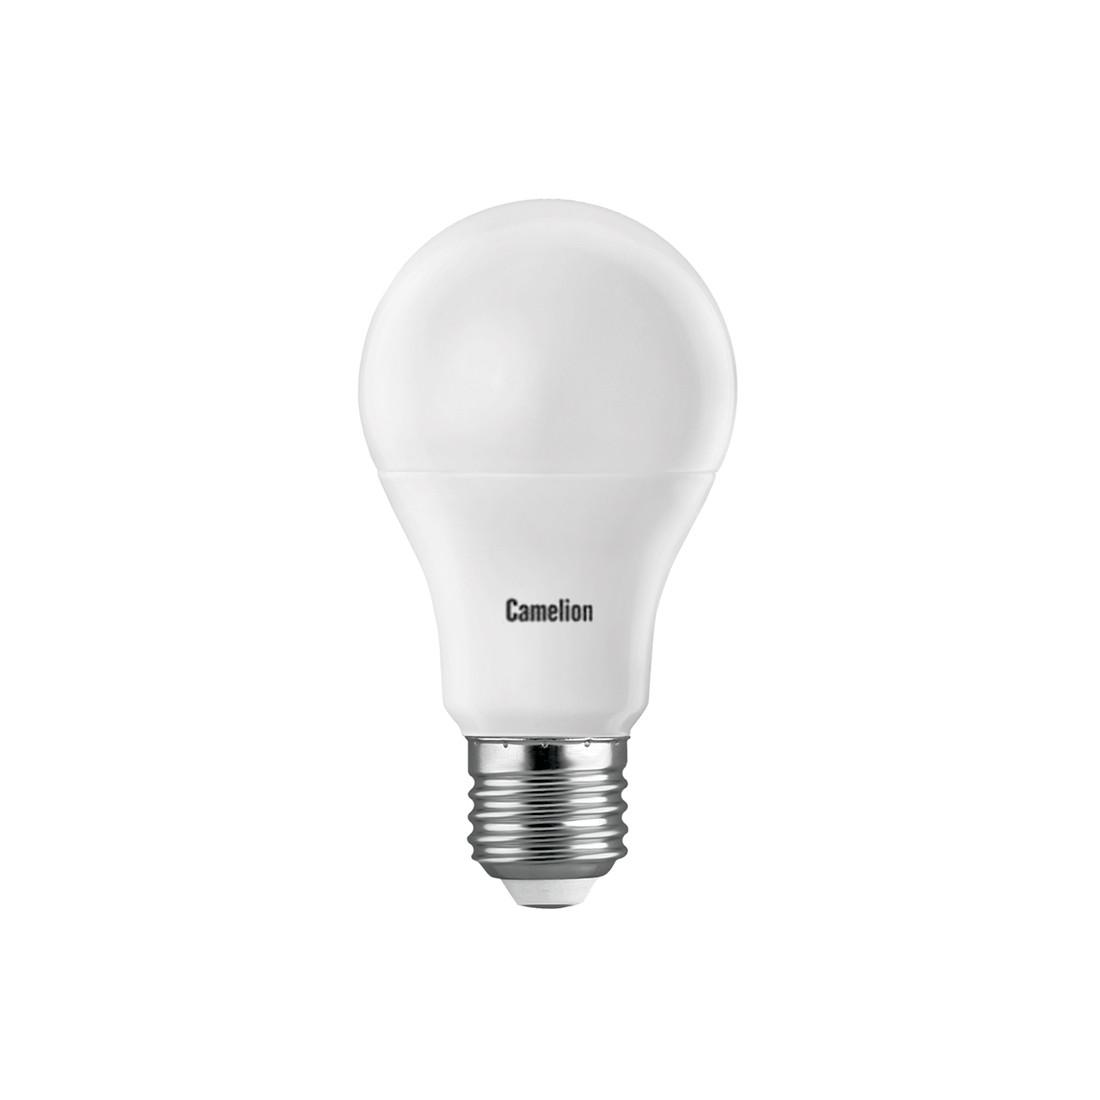 Эл. лампа светодиодная Camelion LED13-A60/865/E27 Дневной